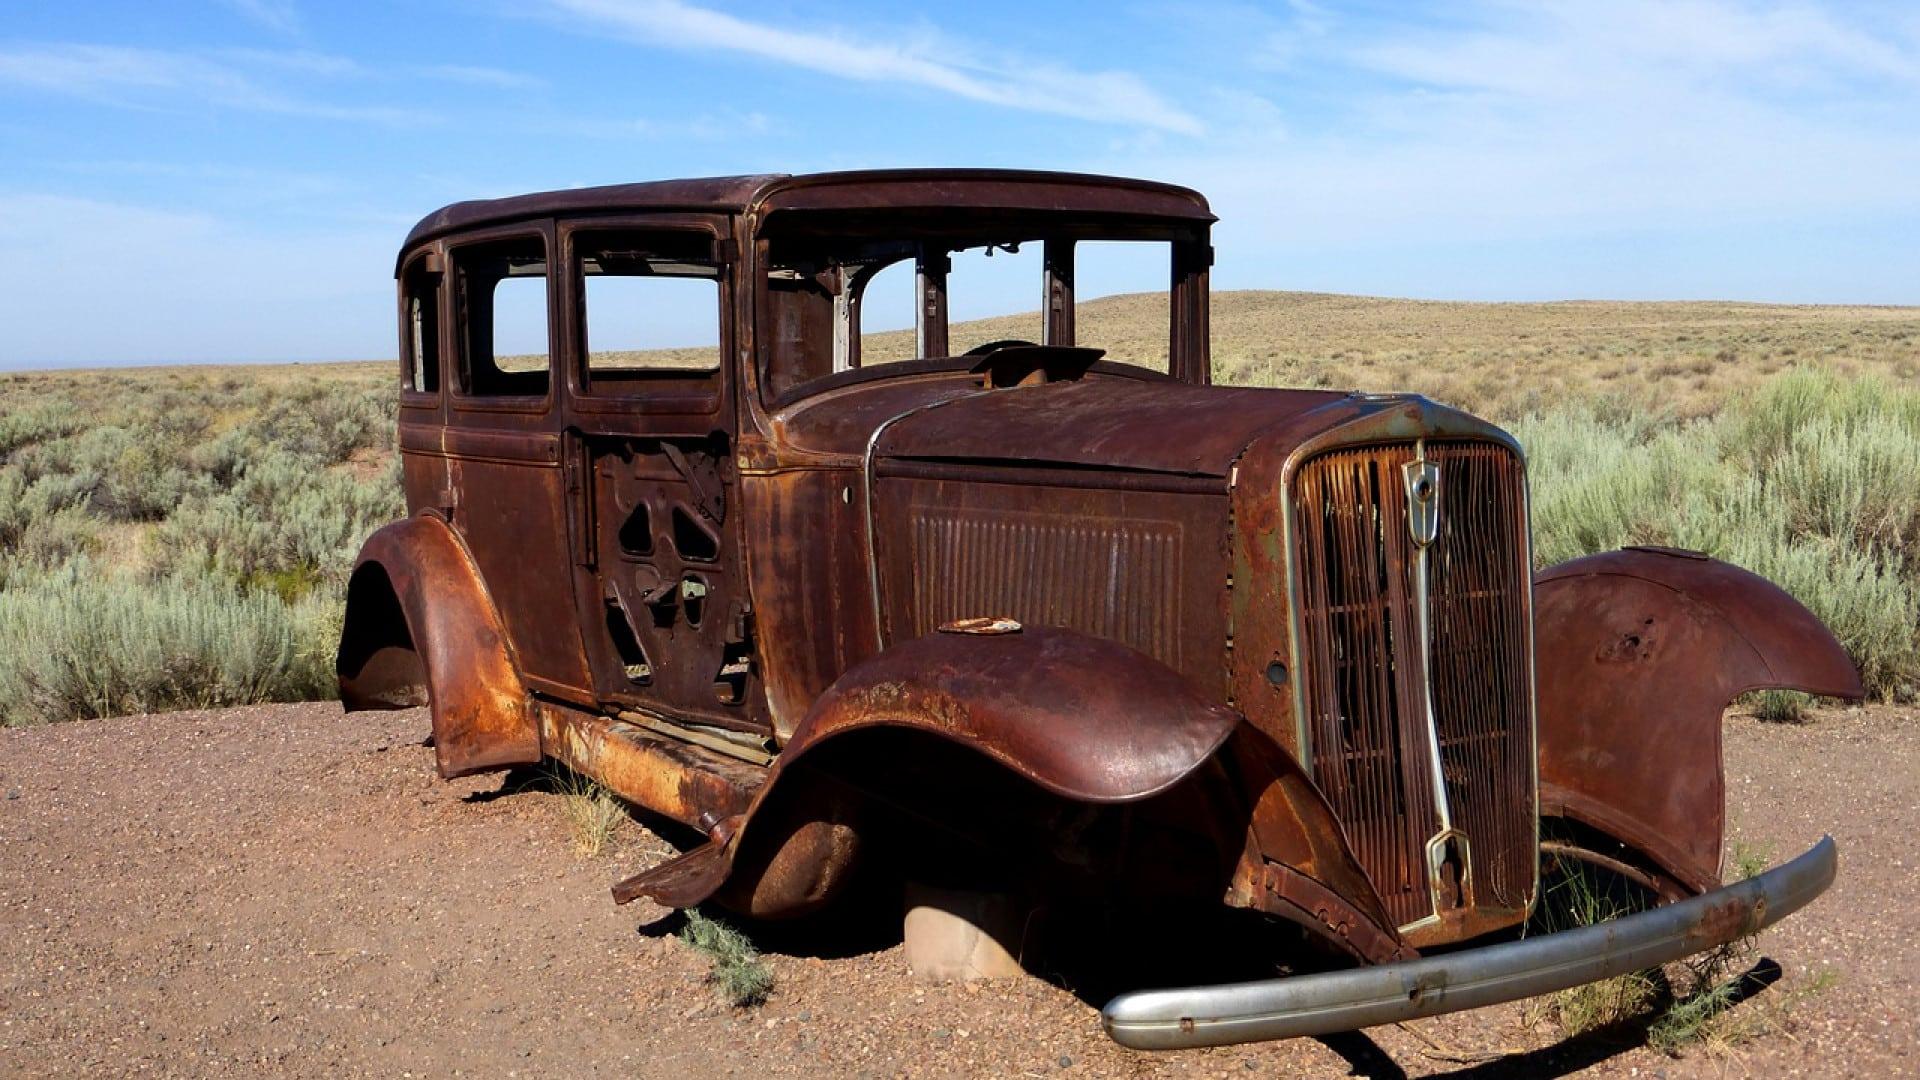 Les astuces pour se séparer d'un véhicule en panne